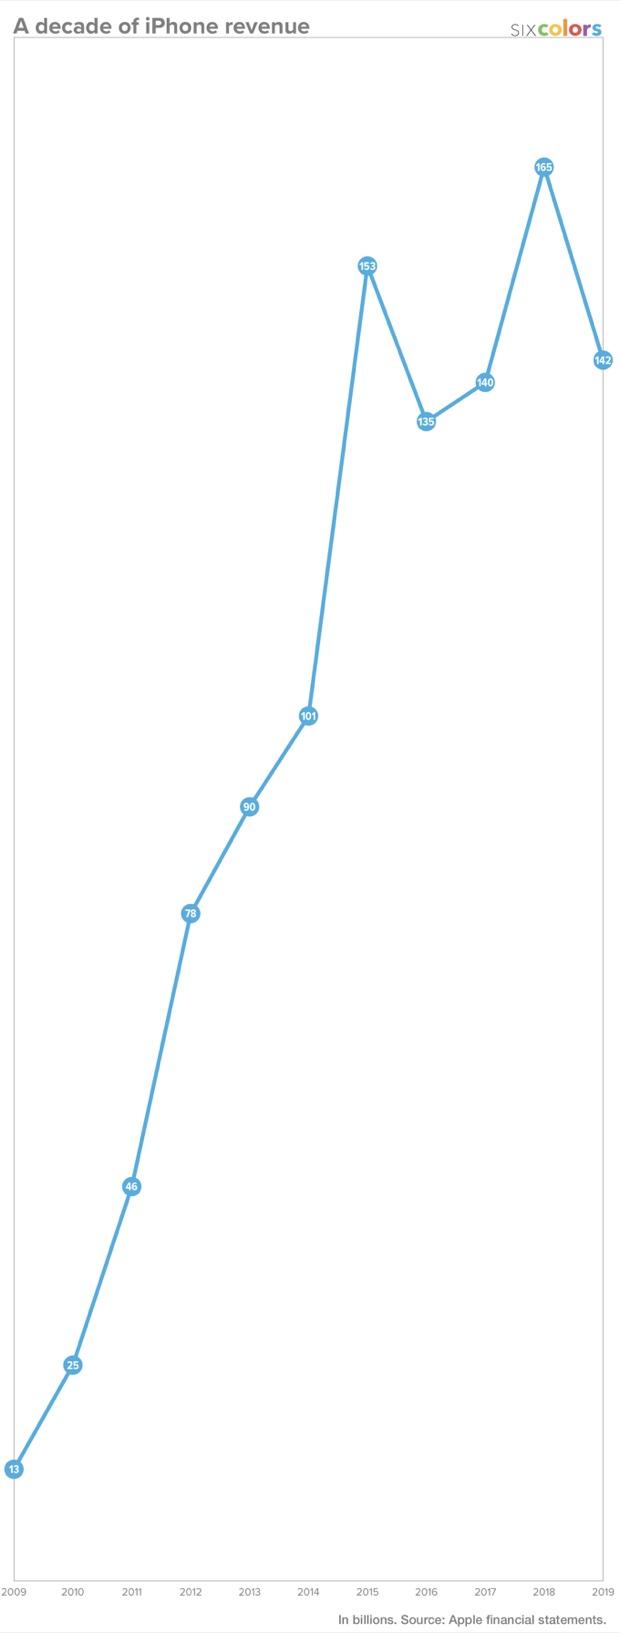 Un grafico shock mostra la reale crescita di iPhone nell'ultimo decennio